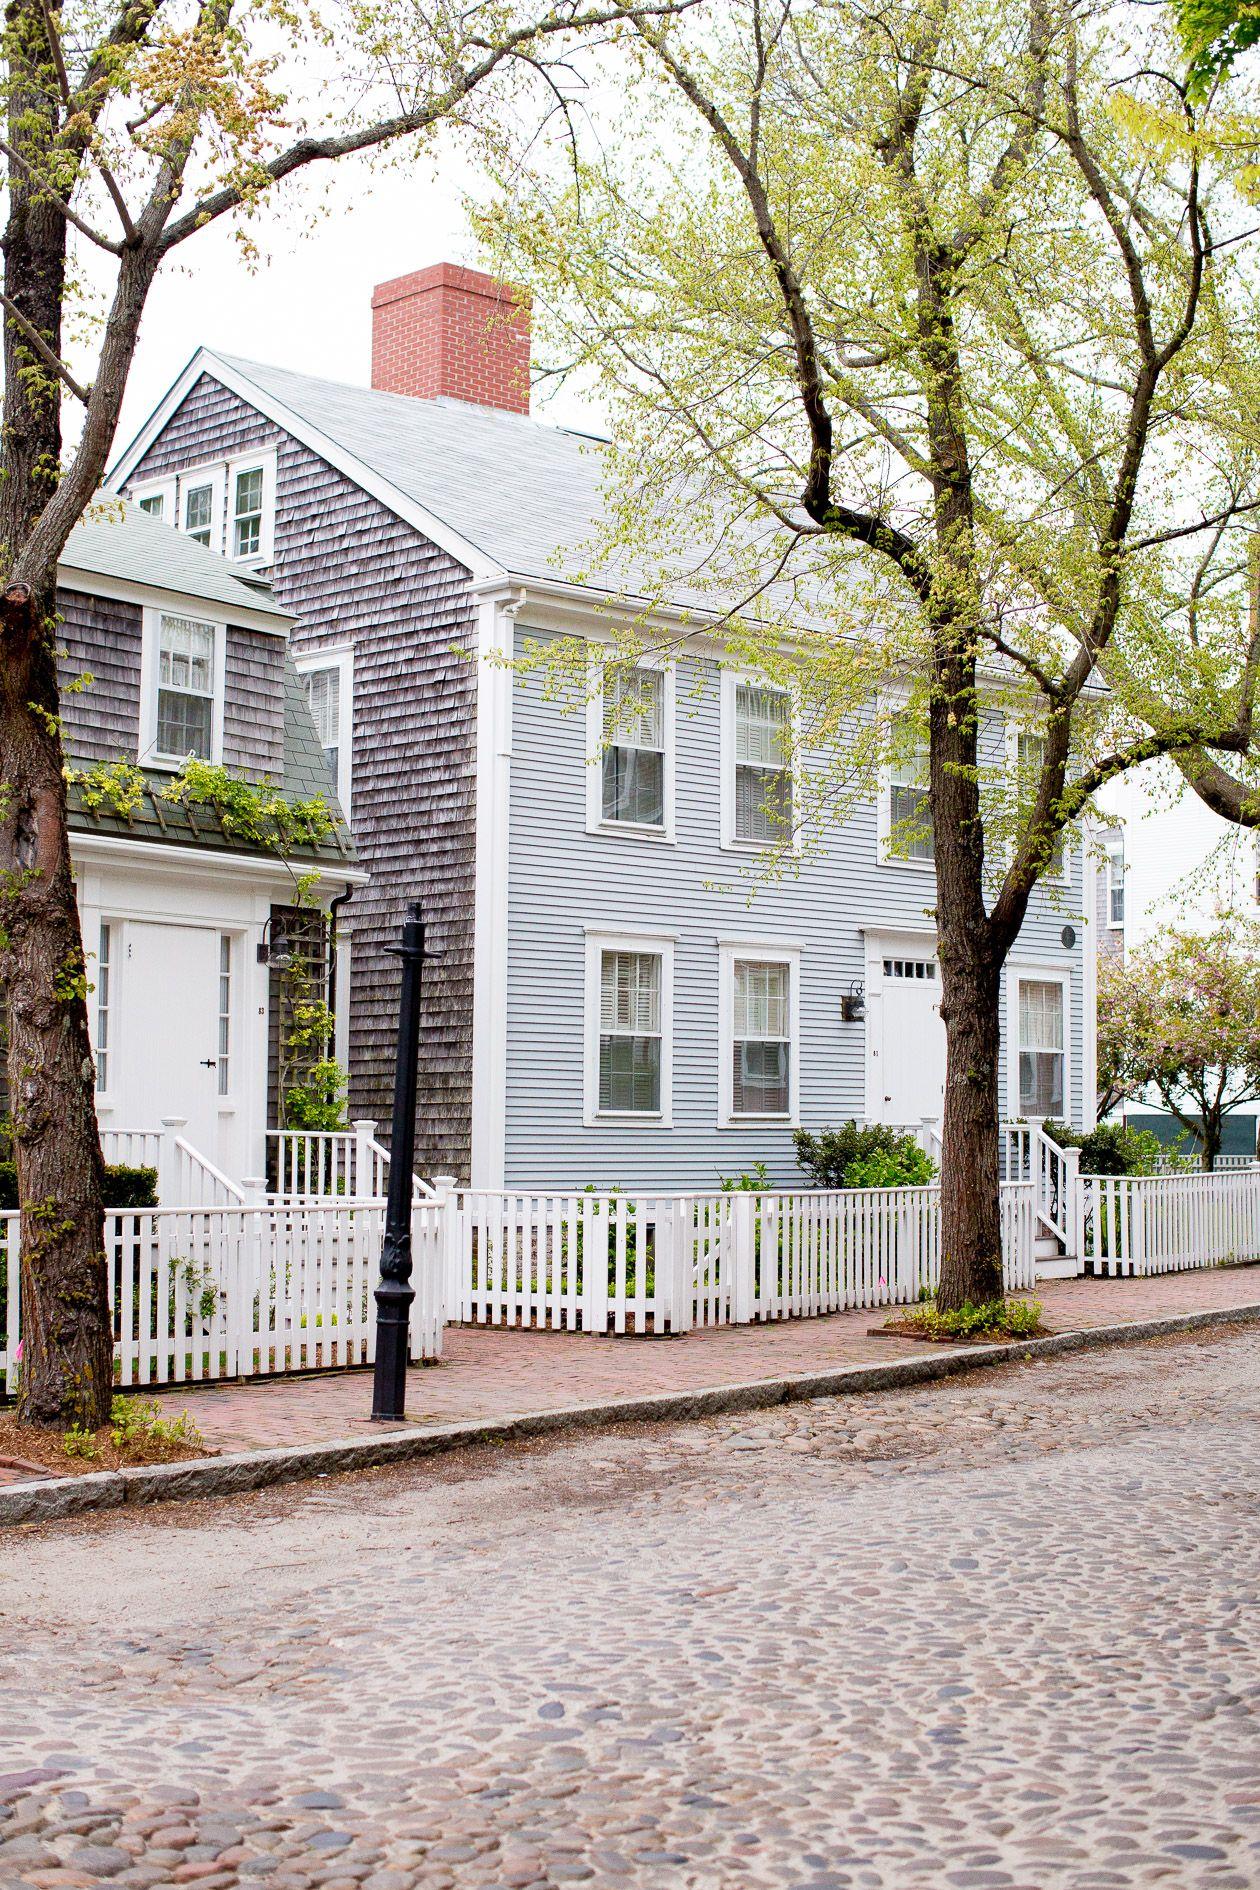 Malerisch Amerikanische Terrasse Foto Von Evening Stroll Down Main Street In Nantucket